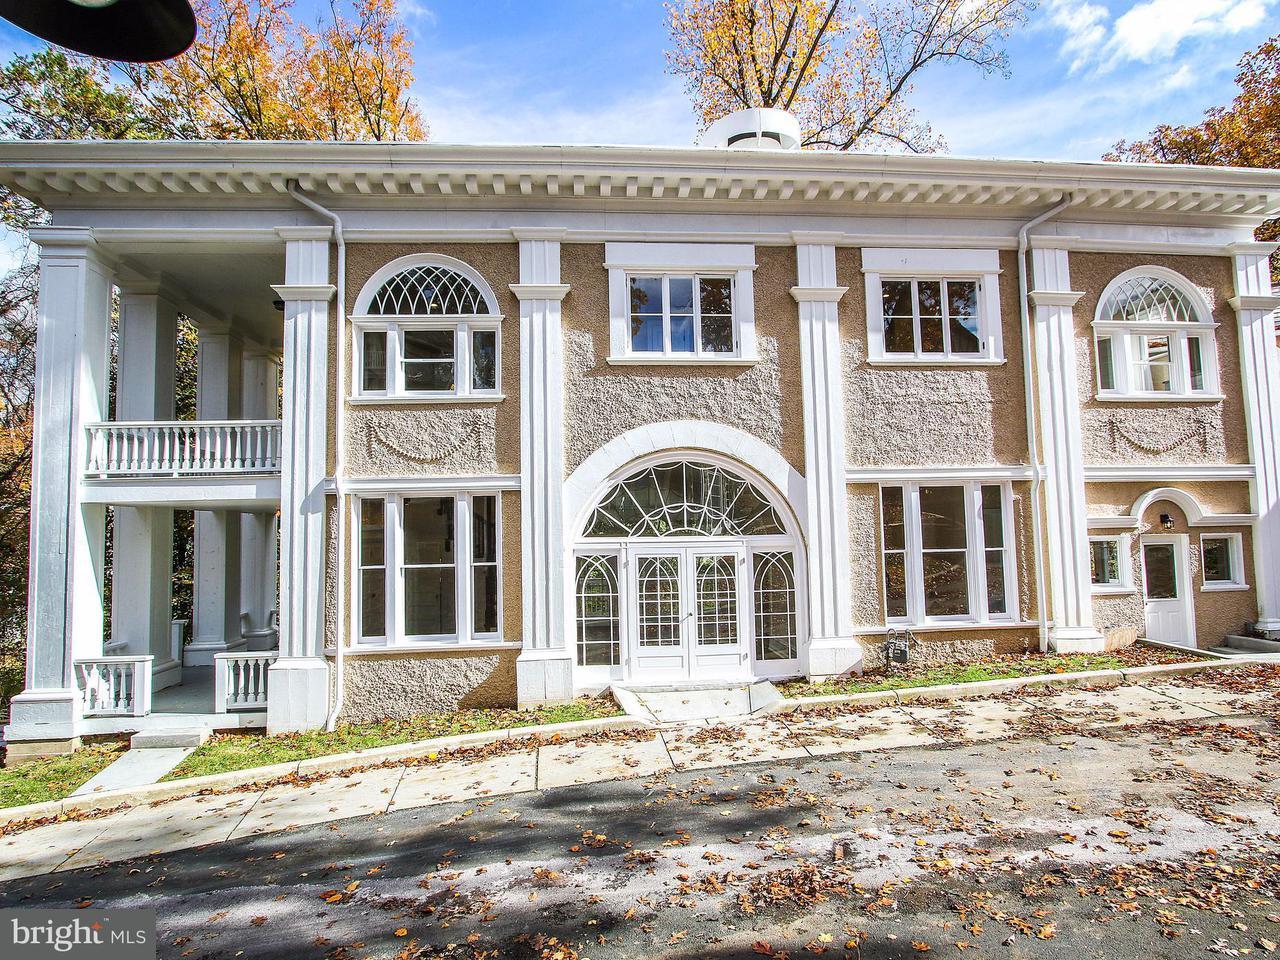 Частный односемейный дом для того Продажа на 21 DEWITT Court 21 DEWITT Court Silver Spring, Мэриленд 20910 Соединенные Штаты